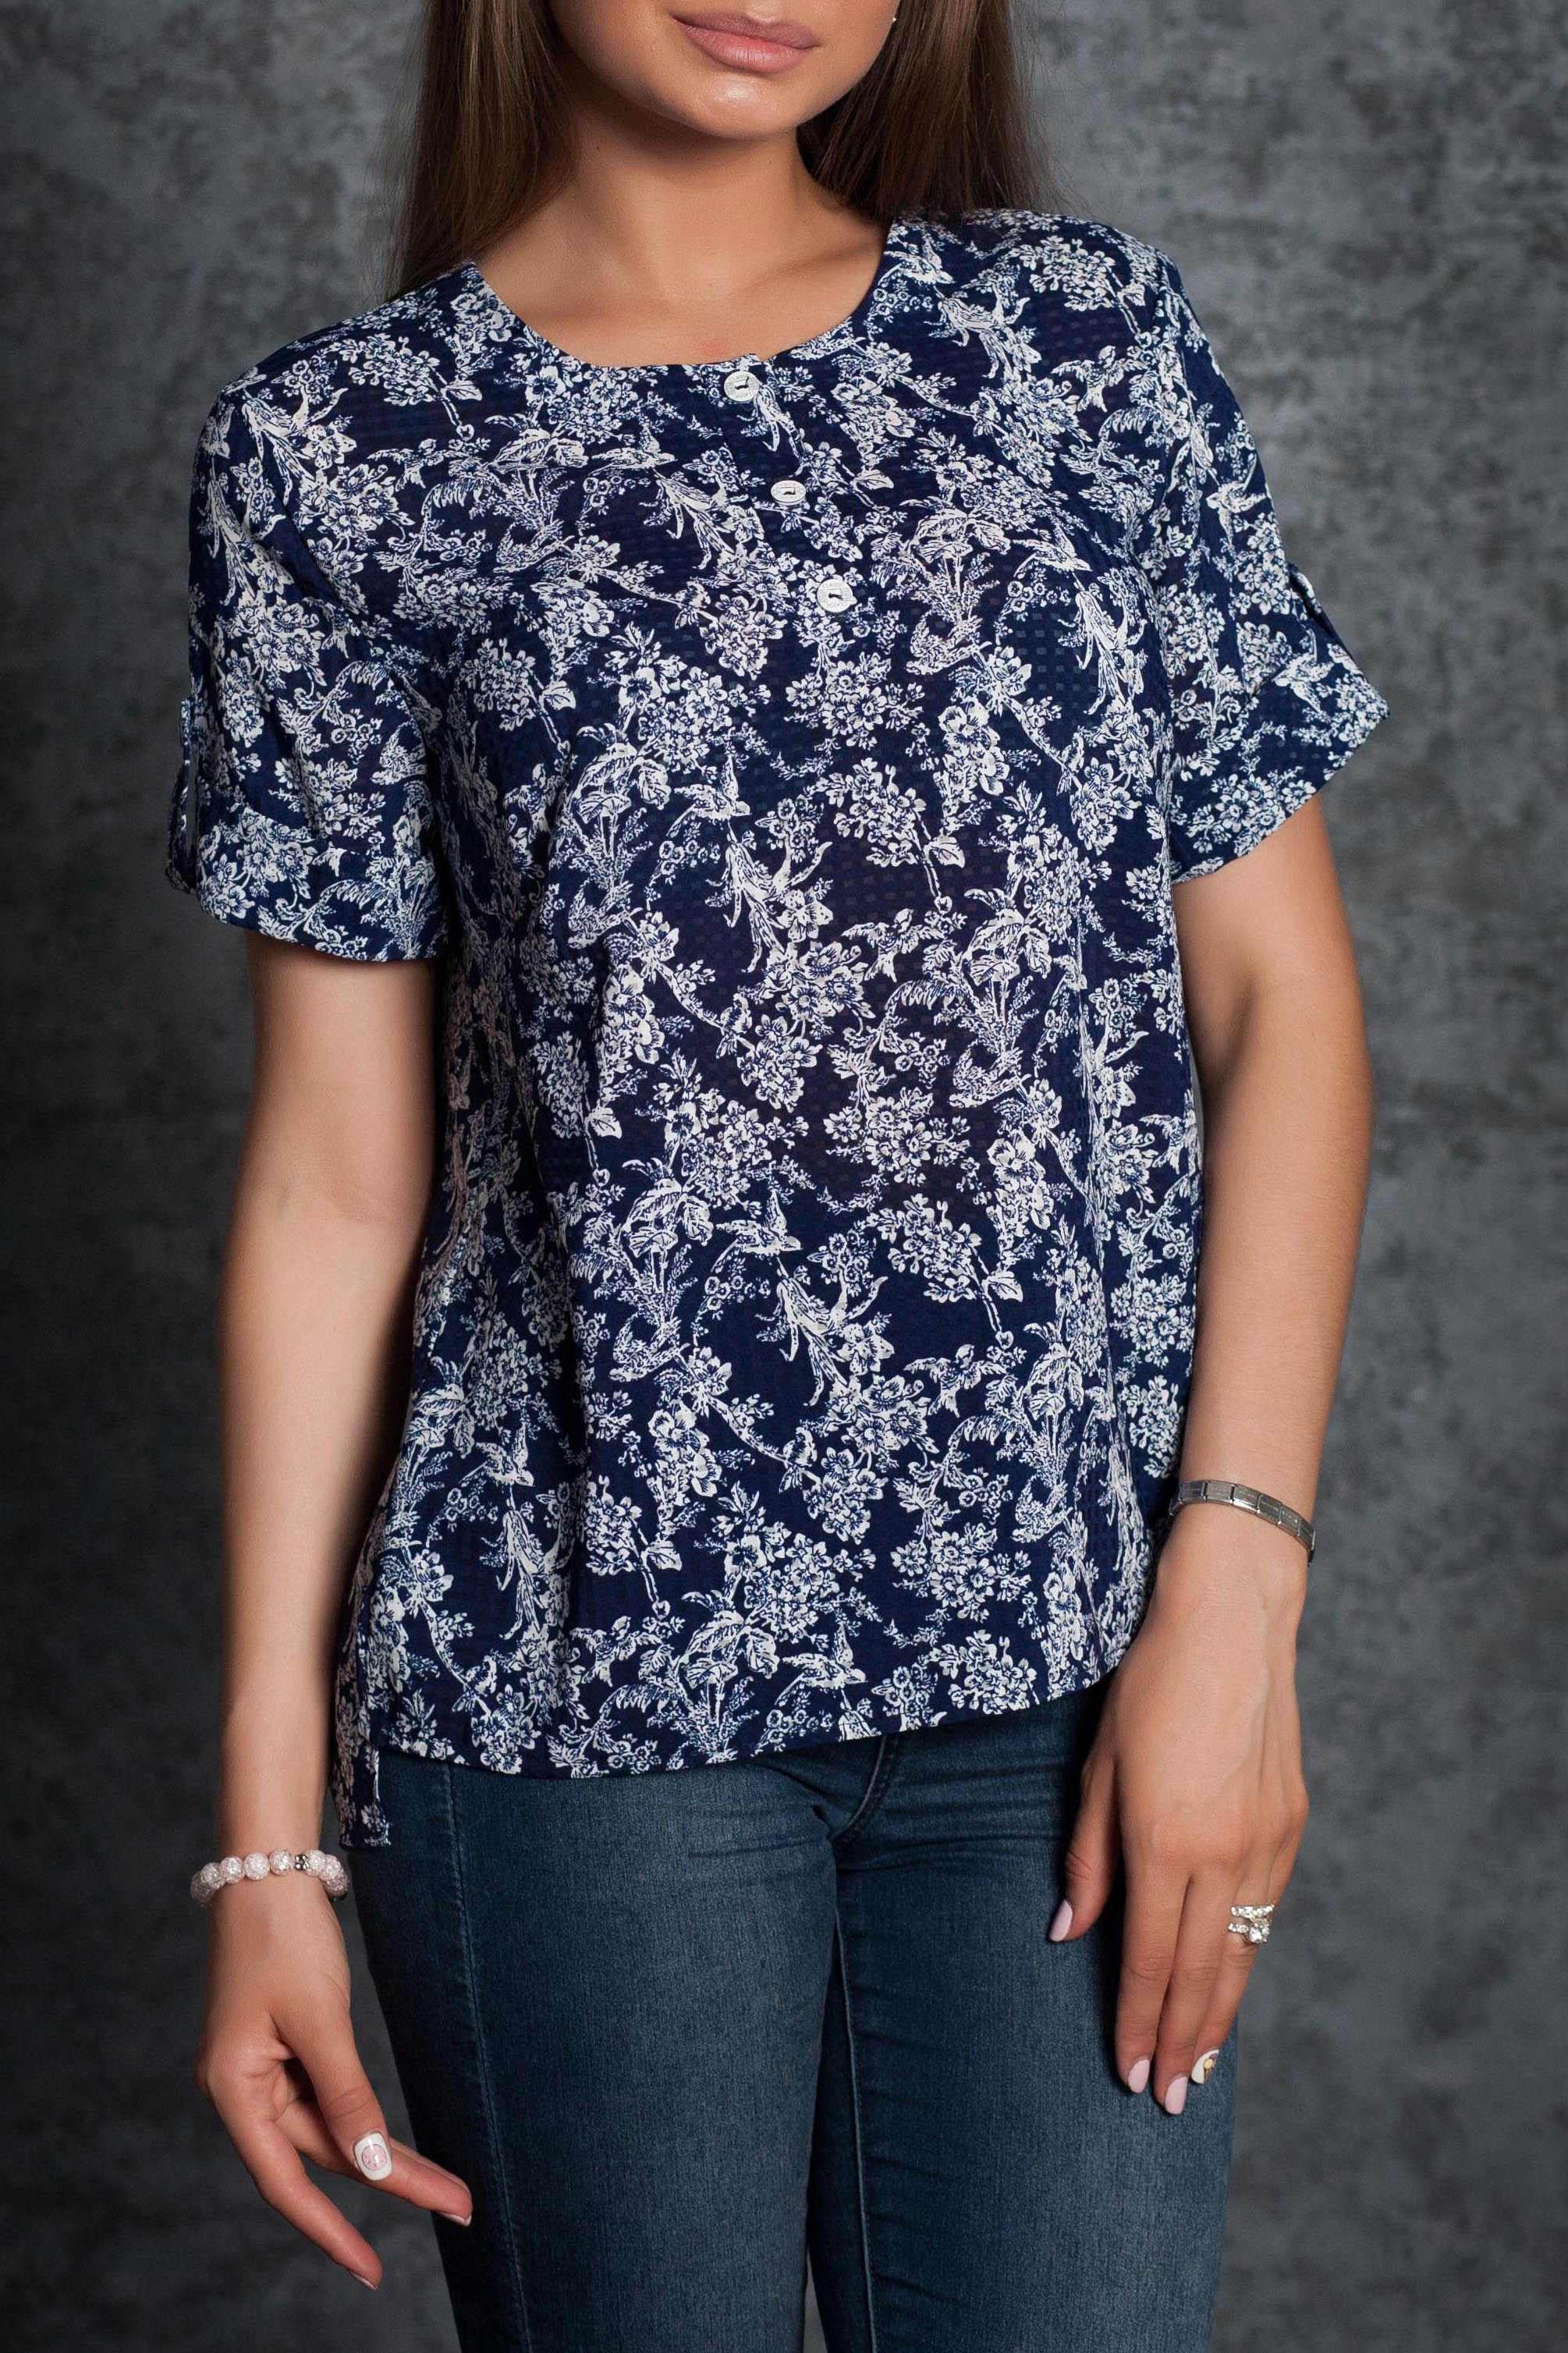 БлузкаБлузки<br>Классическая женская блузка с короткими рукавами. Модель выполнена из мягкой вискозы. Отличный выбор для повседневного гардероба.  Цвет: синий, белый  Ростовска изделия 170 см<br><br>Горловина: С- горловина<br>По материалу: Вискоза<br>По образу: Город,Свидание<br>По рисунку: Растительные мотивы,С принтом,Цветные,Цветочные<br>По сезону: Весна,Зима,Лето,Осень,Всесезон<br>По силуэту: Полуприталенные<br>По стилю: Повседневный стиль<br>По элементам: С манжетами,С патами<br>Рукав: Короткий рукав<br>Размер : 42,44,46,48,50,52,54,56<br>Материал: Вискоза<br>Количество в наличии: 8